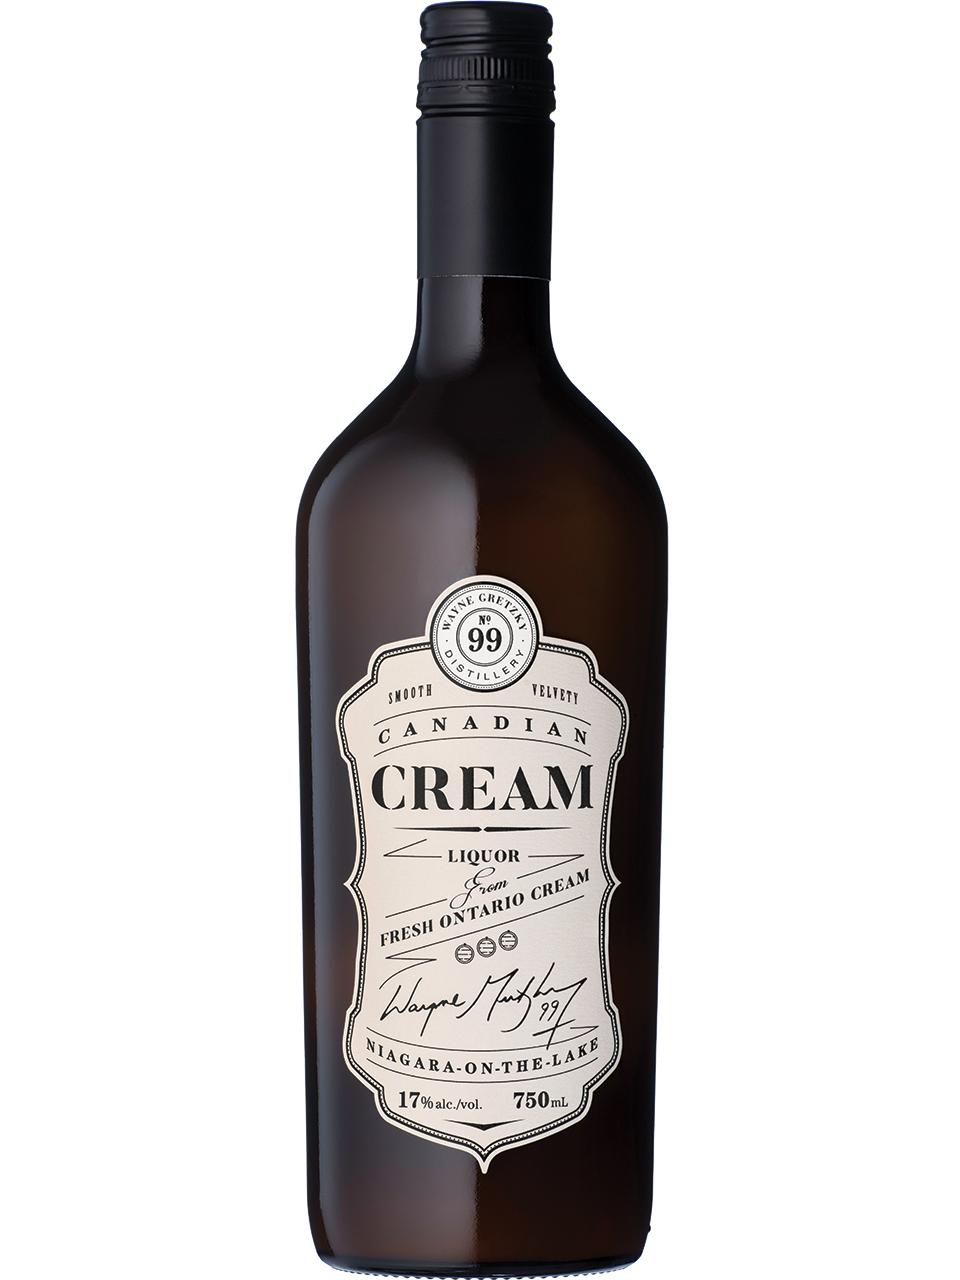 Wayne Gretzky Canadian Cream Liquor